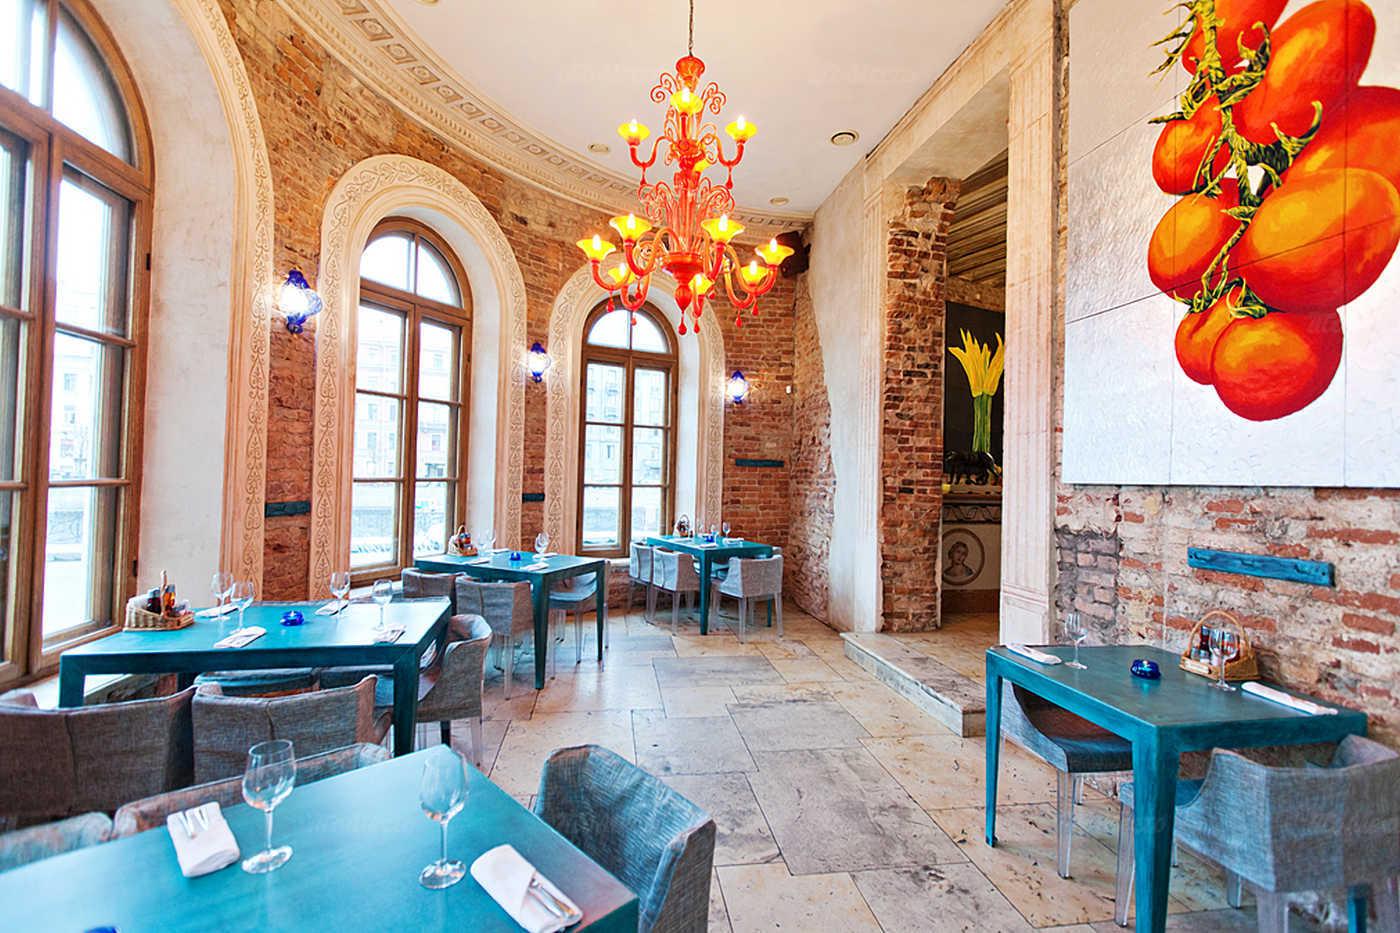 Ресторан Мама Рома (Mama Roma) на набережной реки Фонтанки